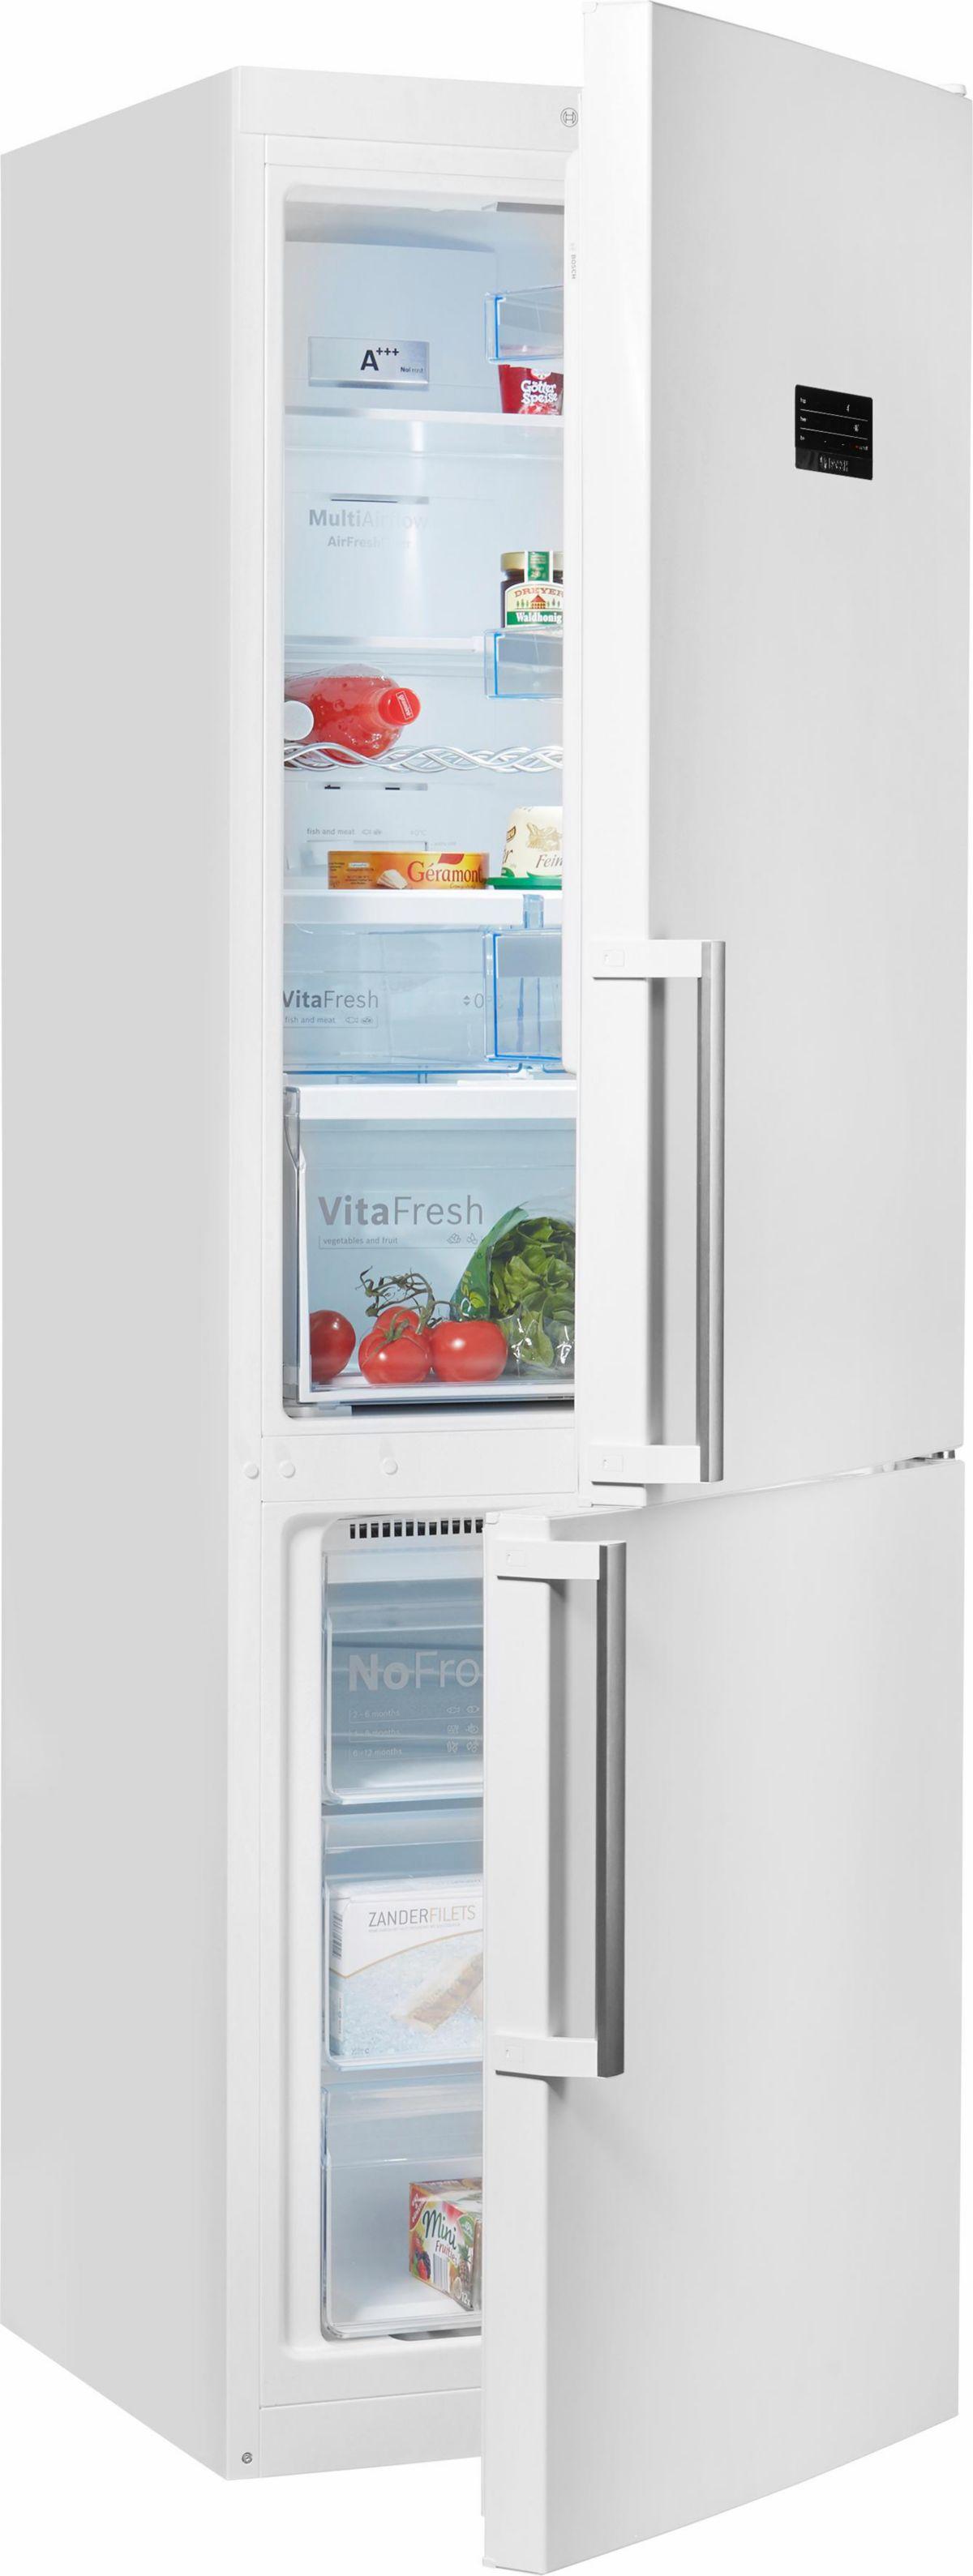 Bosch Stand-Kühl-Gefrierkombination KGN36XW45, A+++, 186 cm, No Frost Preisvergleich